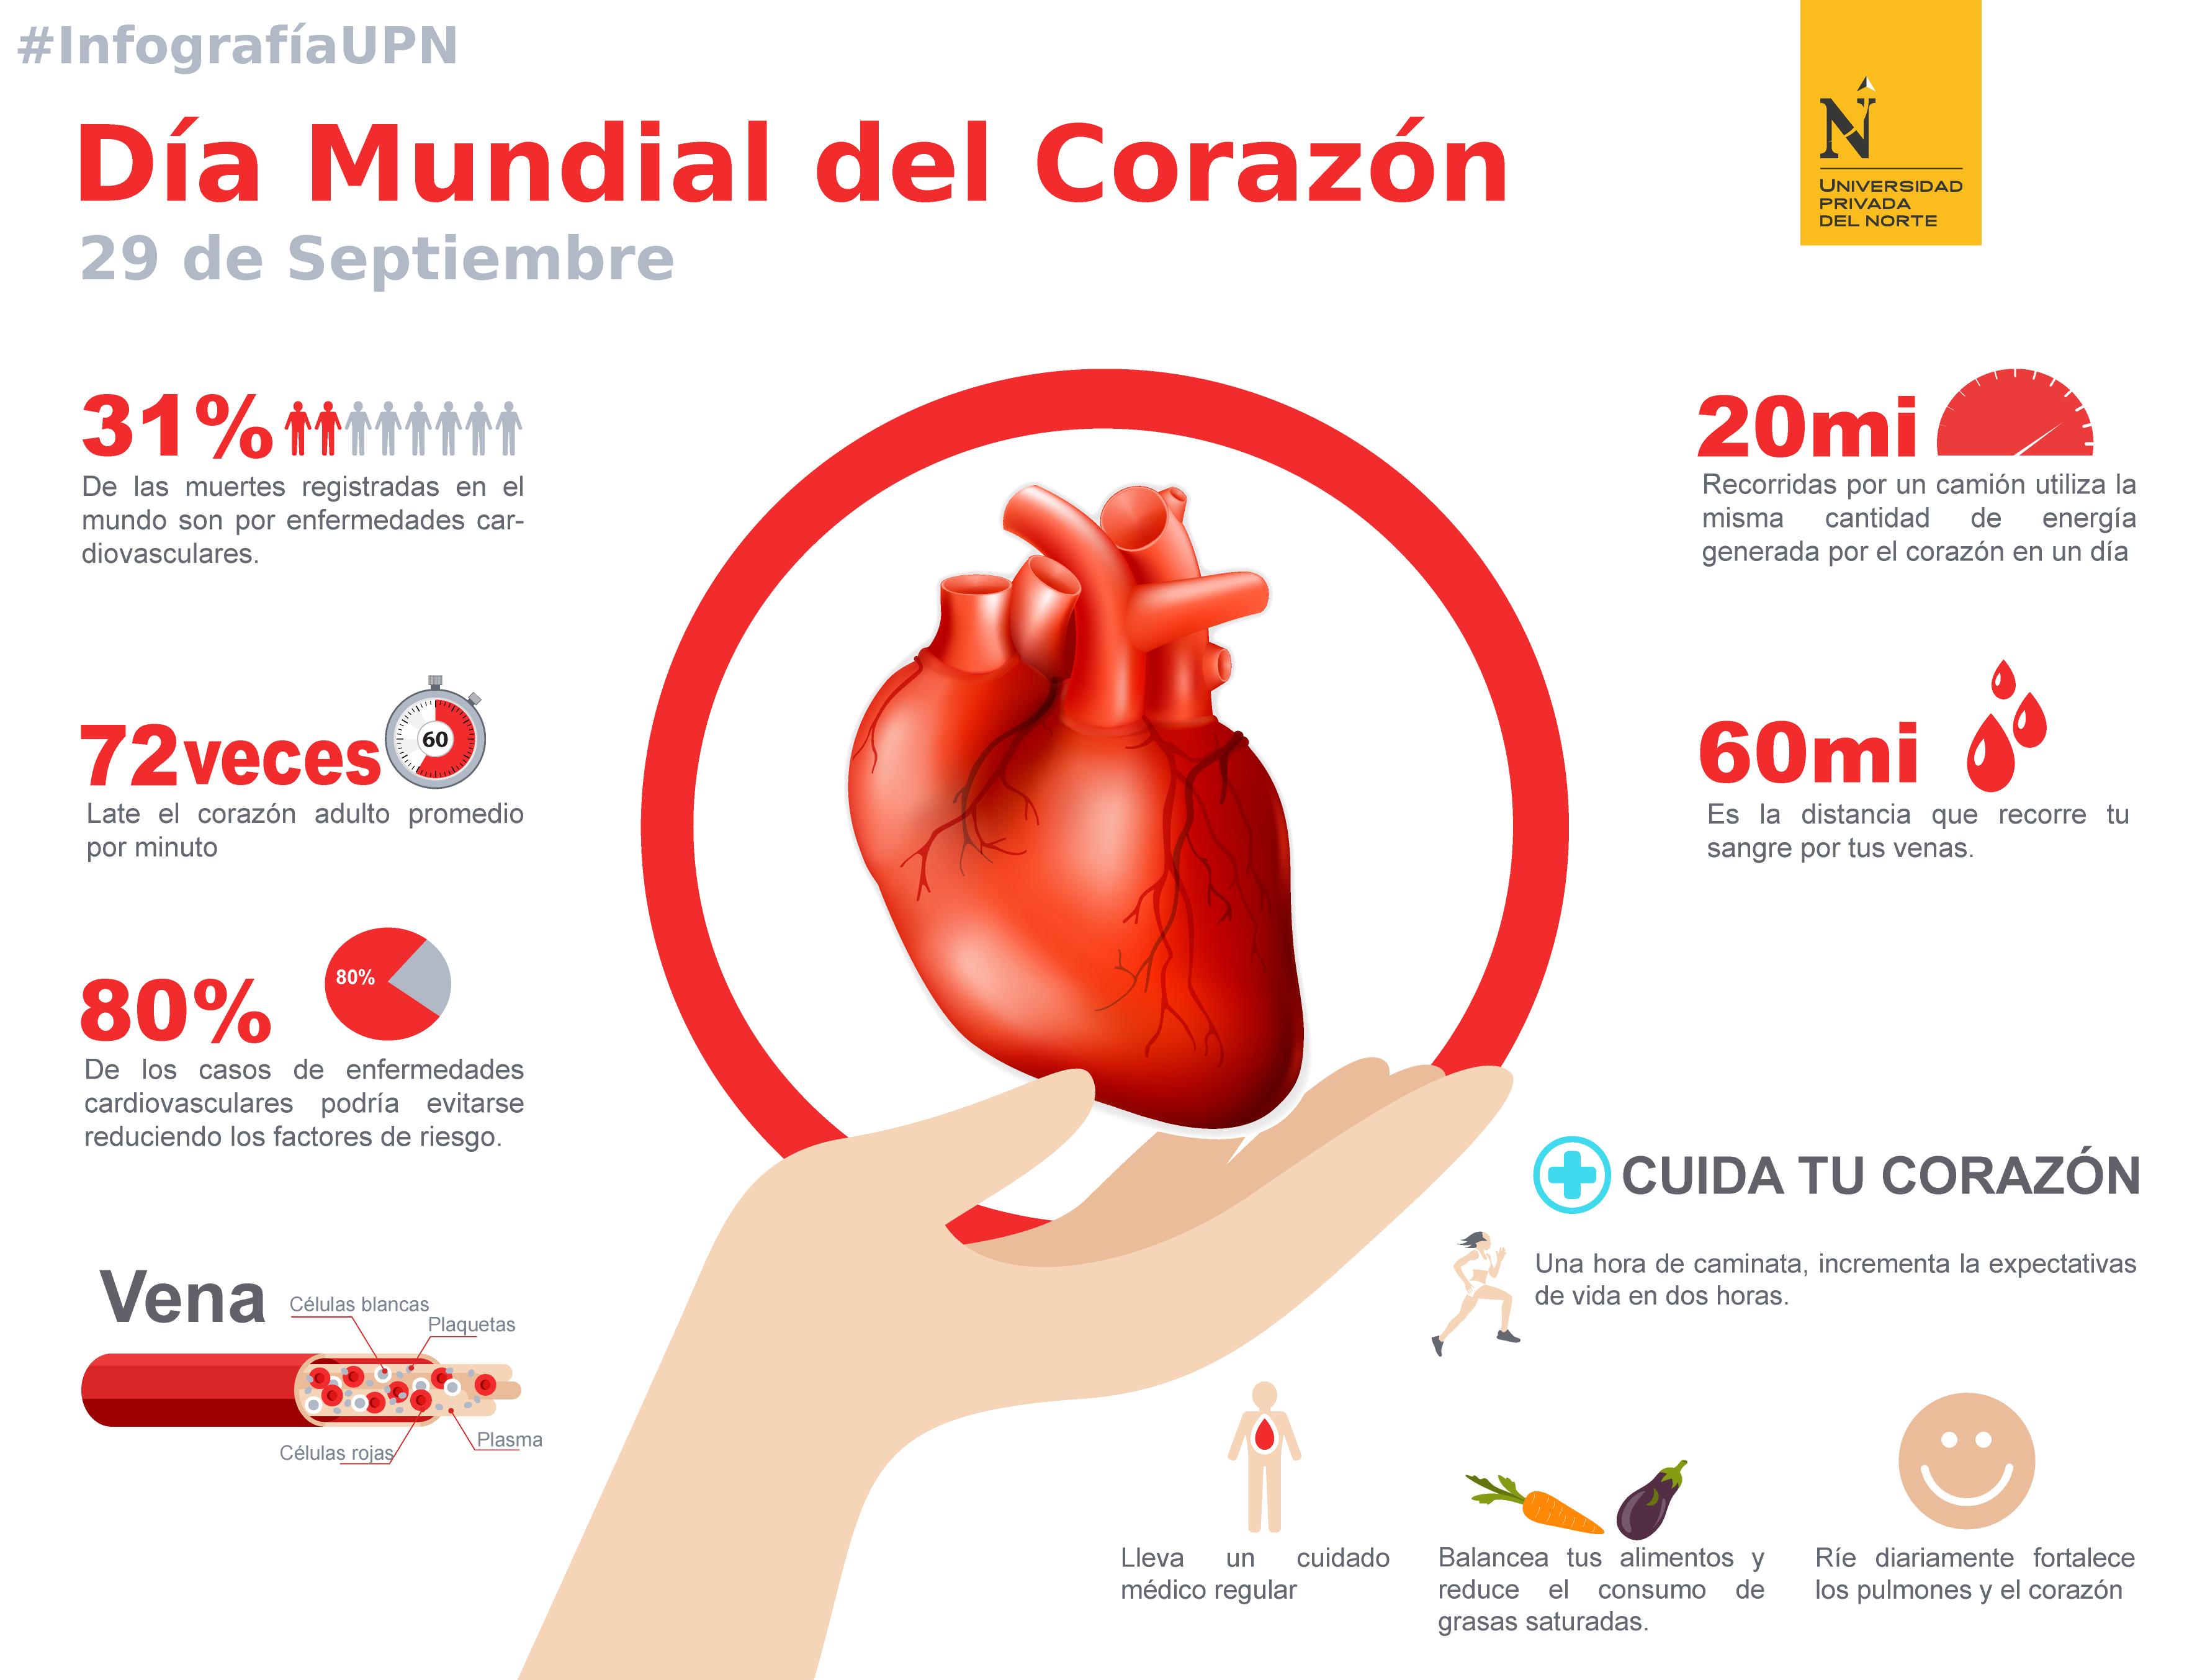 factores de riesgo para las enfermedades cardiovasculares